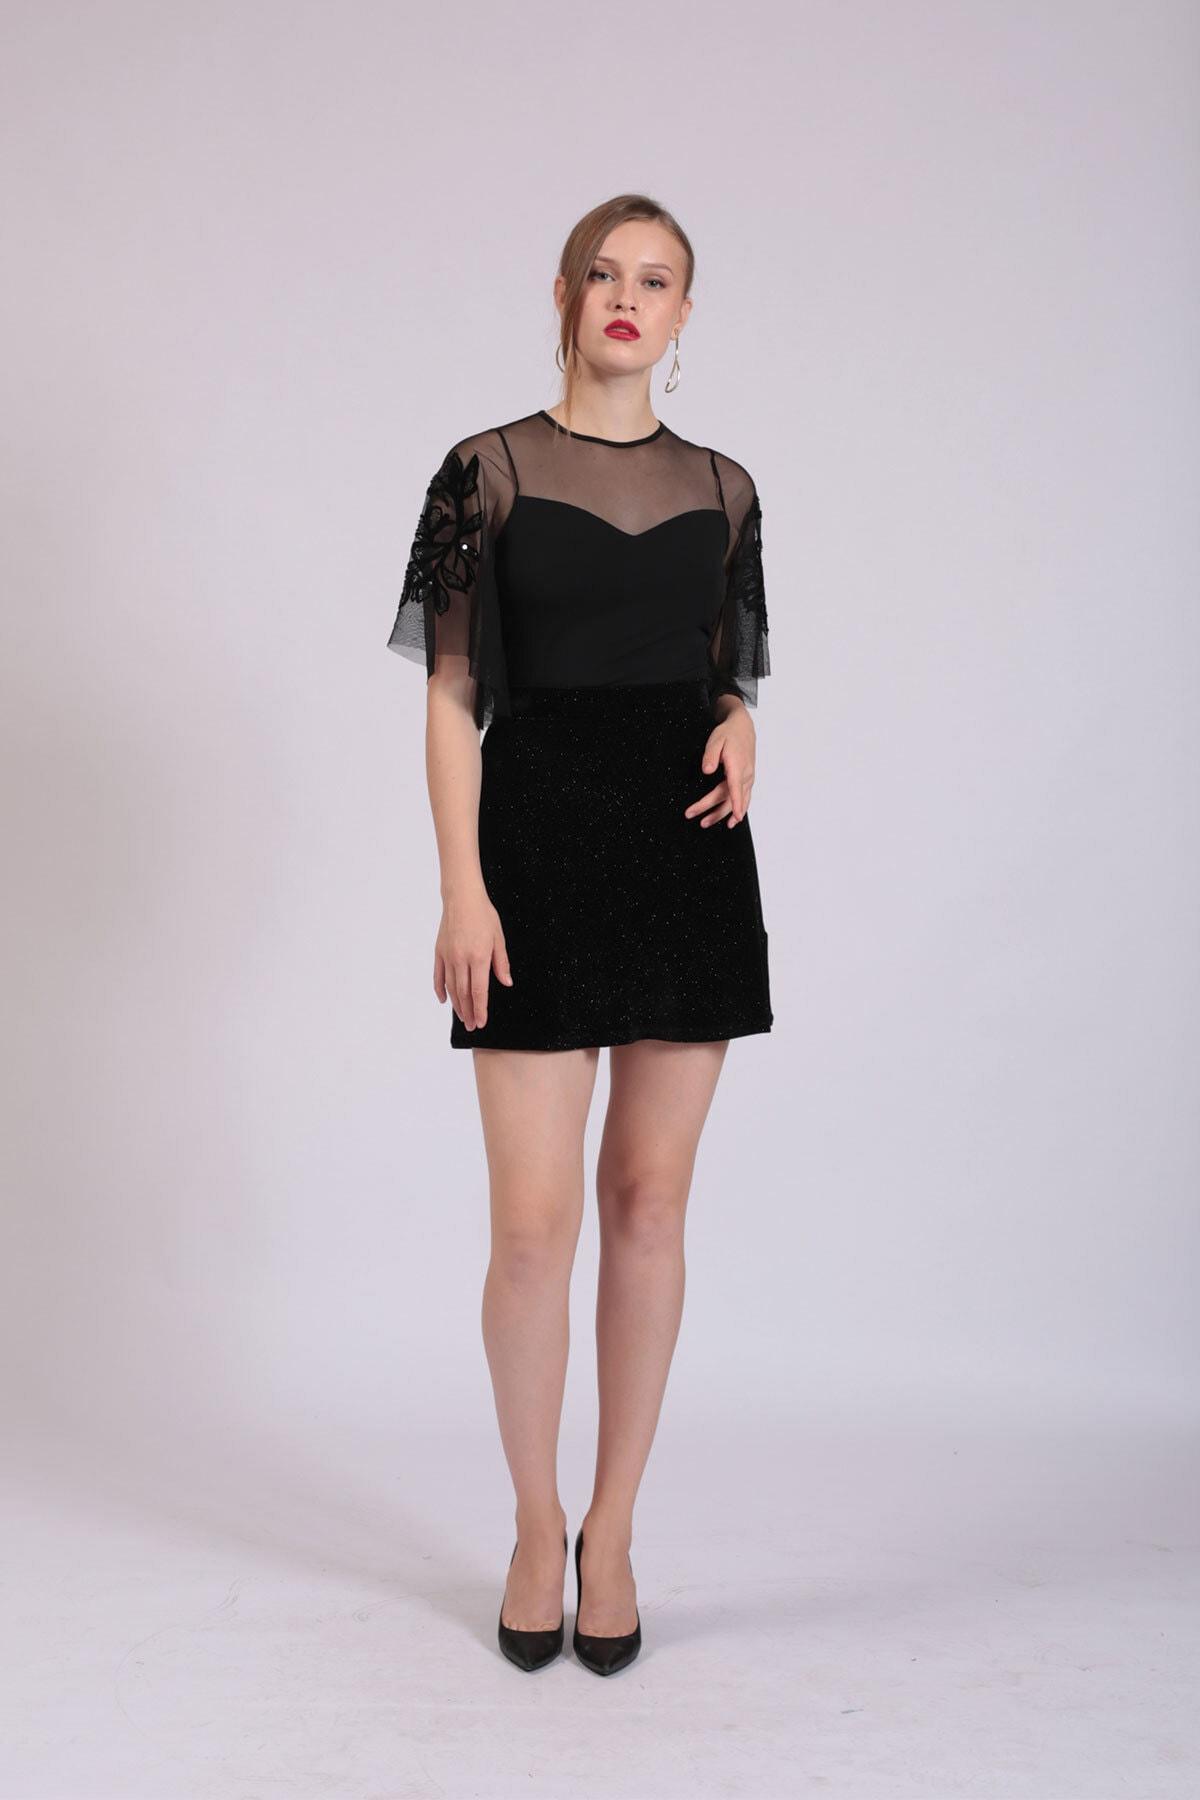 Hanna's by Hanna Darsa Kadın Siyah Tül Garnili Kolları İşlemeli Bluz  HN2744 2